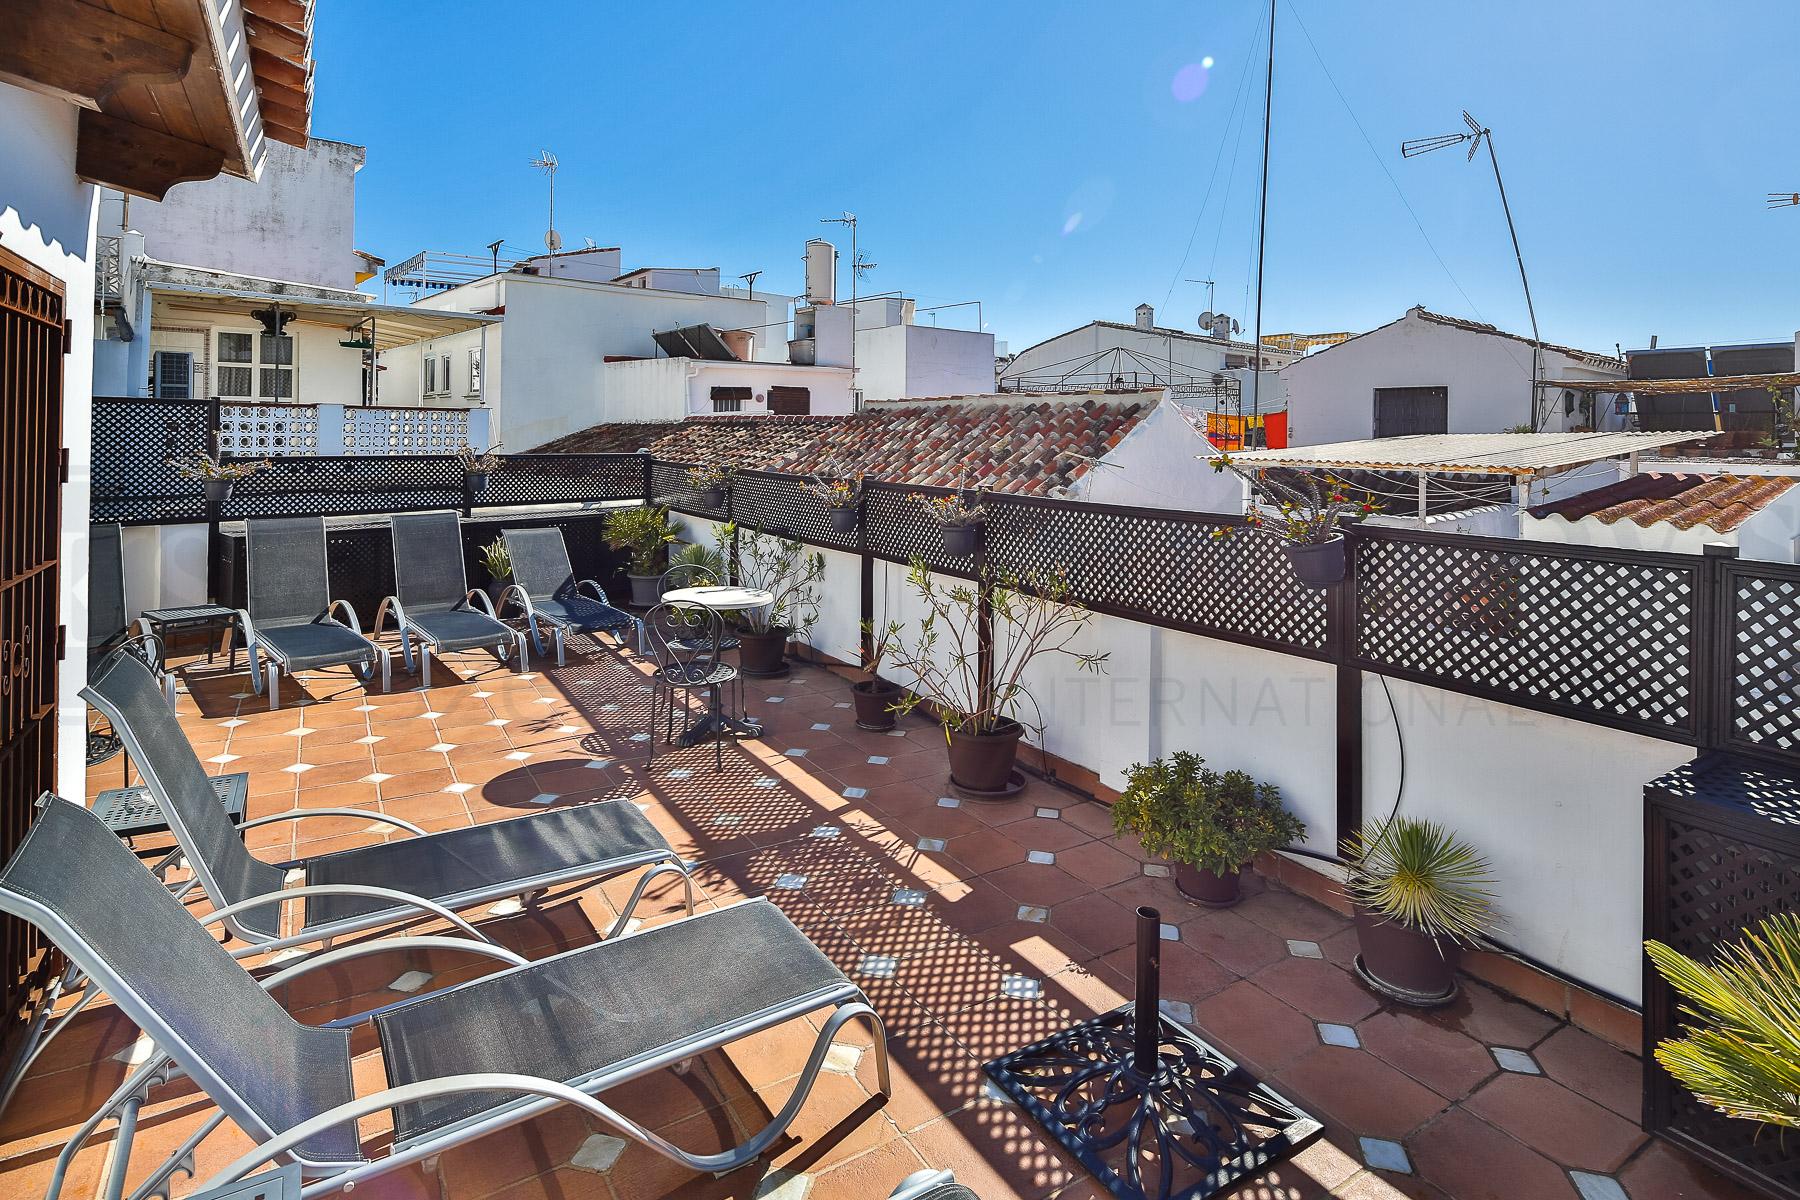 Edificio en  Marbella  KSSIR25216P